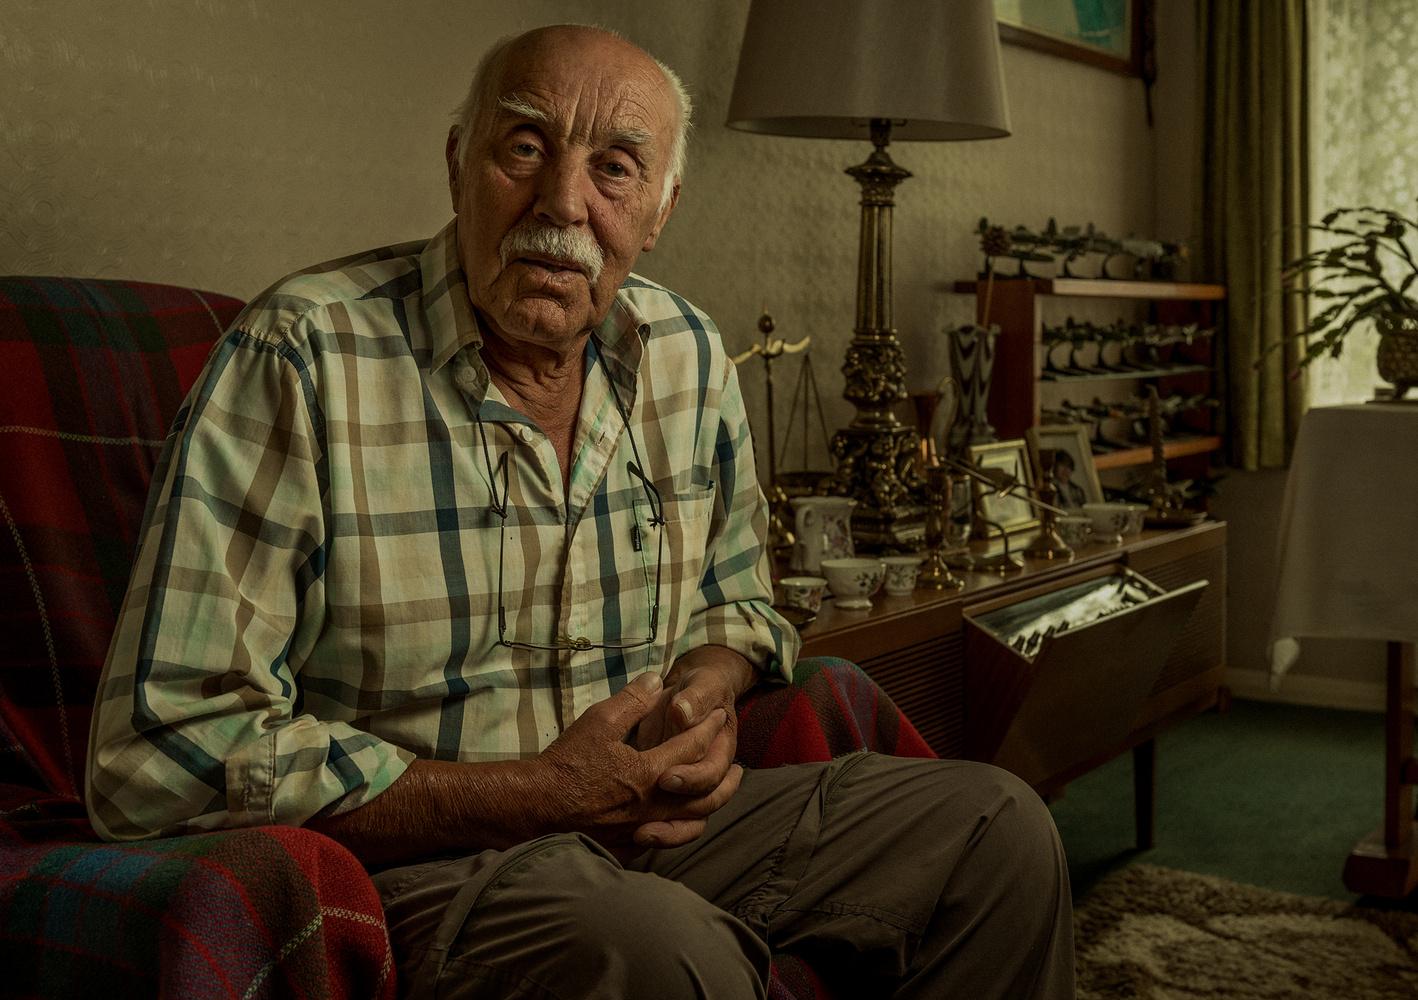 Portrait of Grandad Ken by Elisha Knight